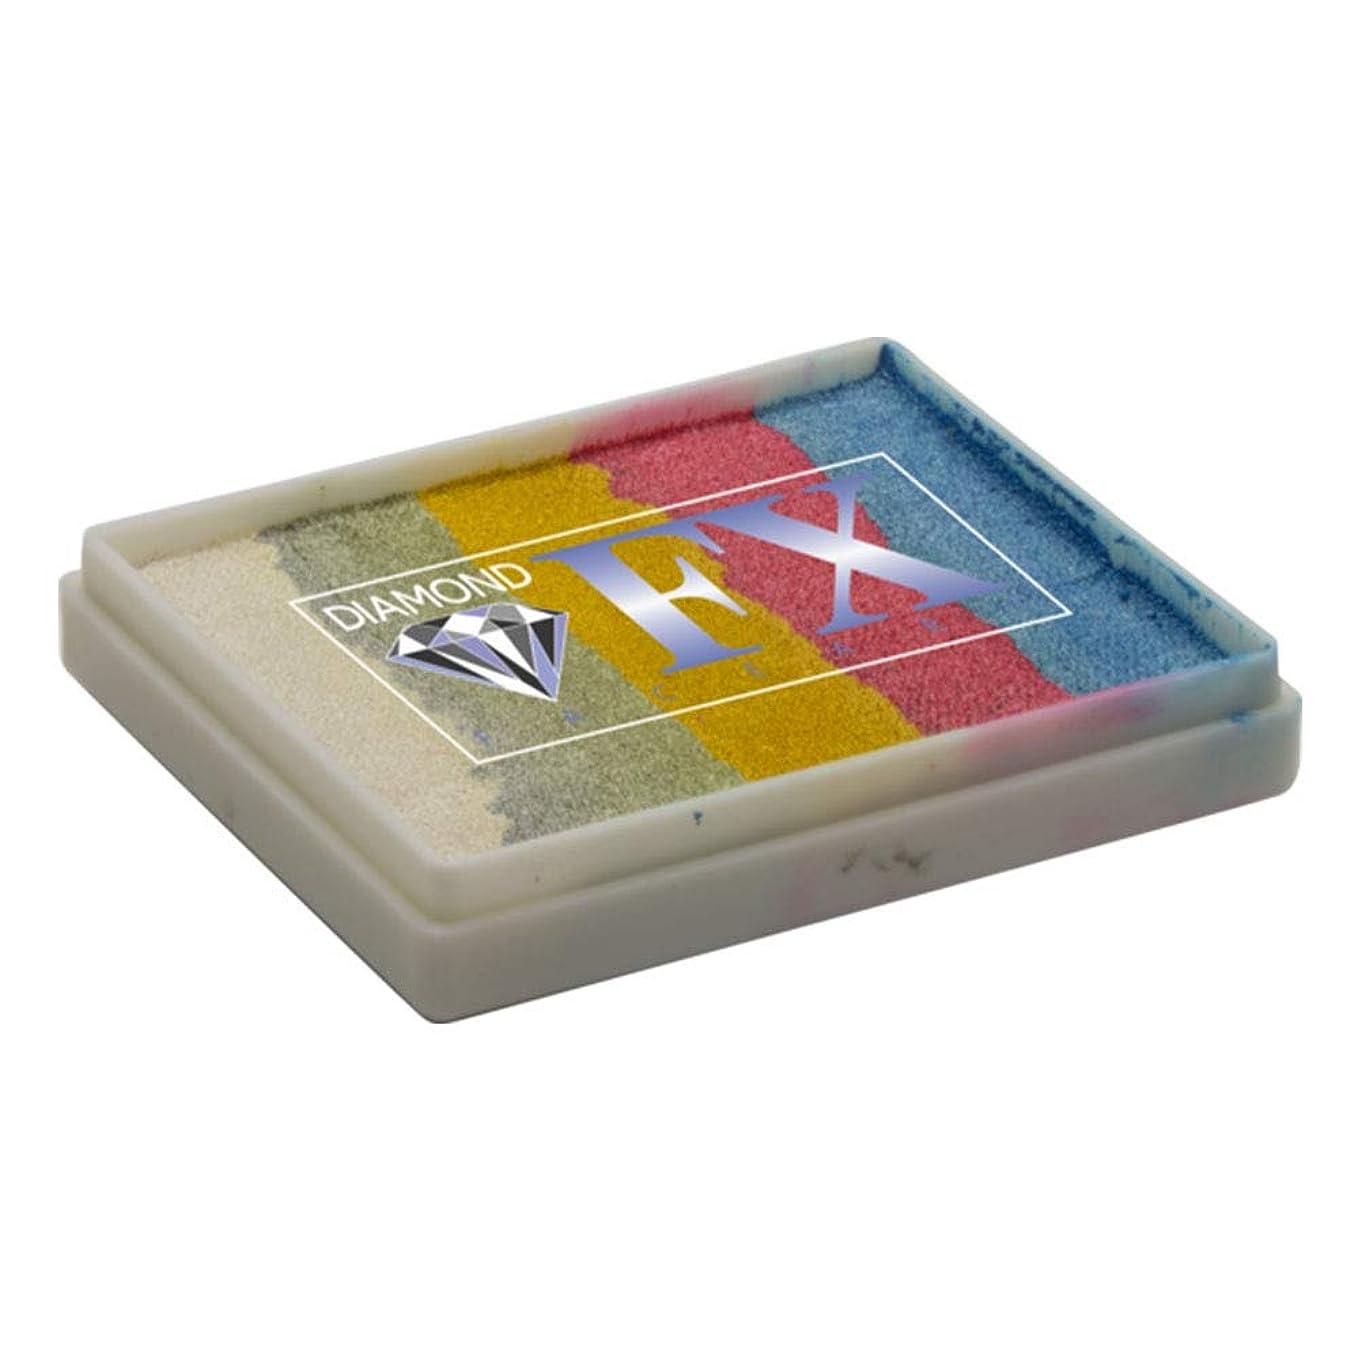 テクニカル取り囲む良心的ダイアモンドFXスプリットのケーキ - デイブレイクRS50-26、プロ品質のフェイスレインボーケーキ、水の活性化フェイスペイント、1.76オンス/ 50グラム絵画